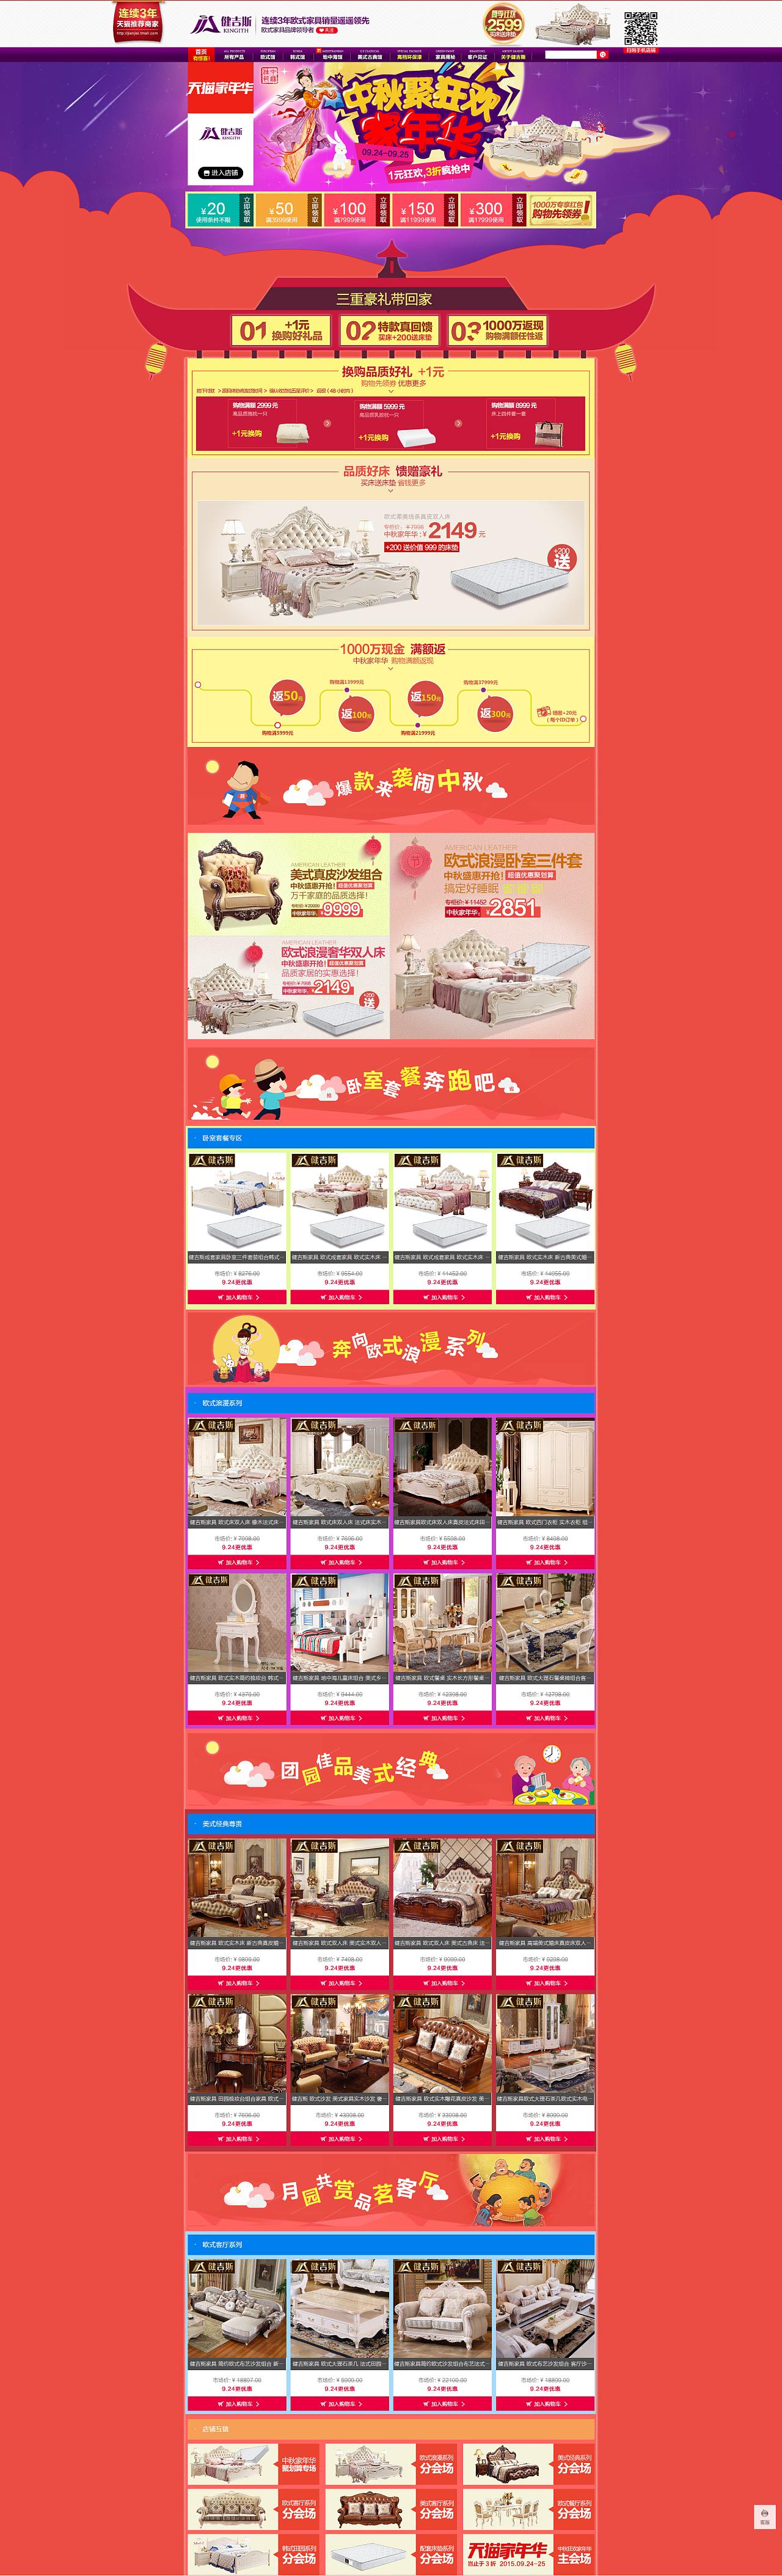 中秋家年华承接页 海报欧式家具聚划算专题 淘宝 天猫图片